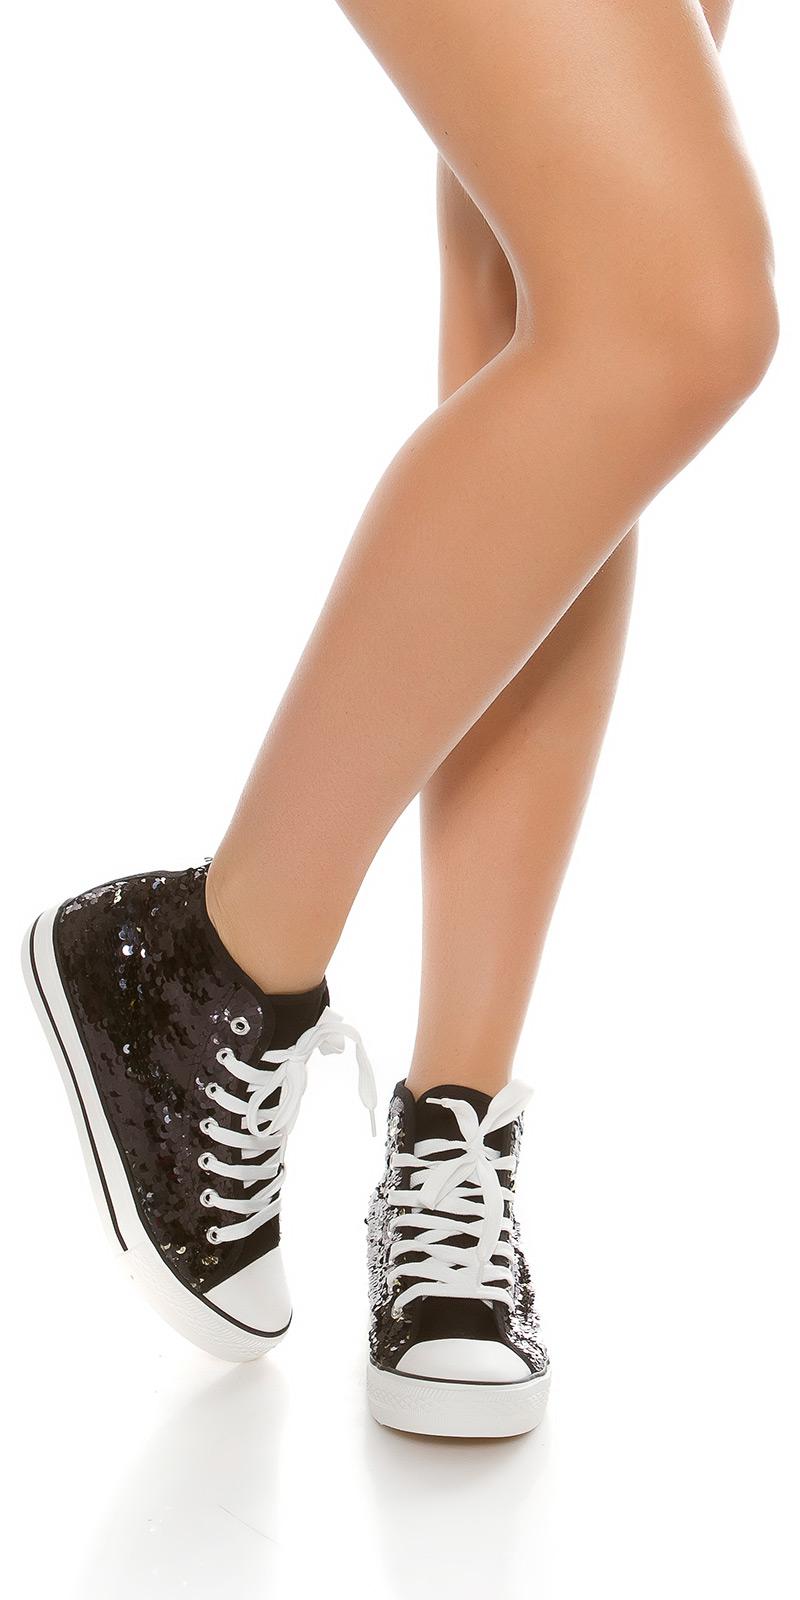 Adidasi la moda paiete care isi schimba culoarea tip Converse